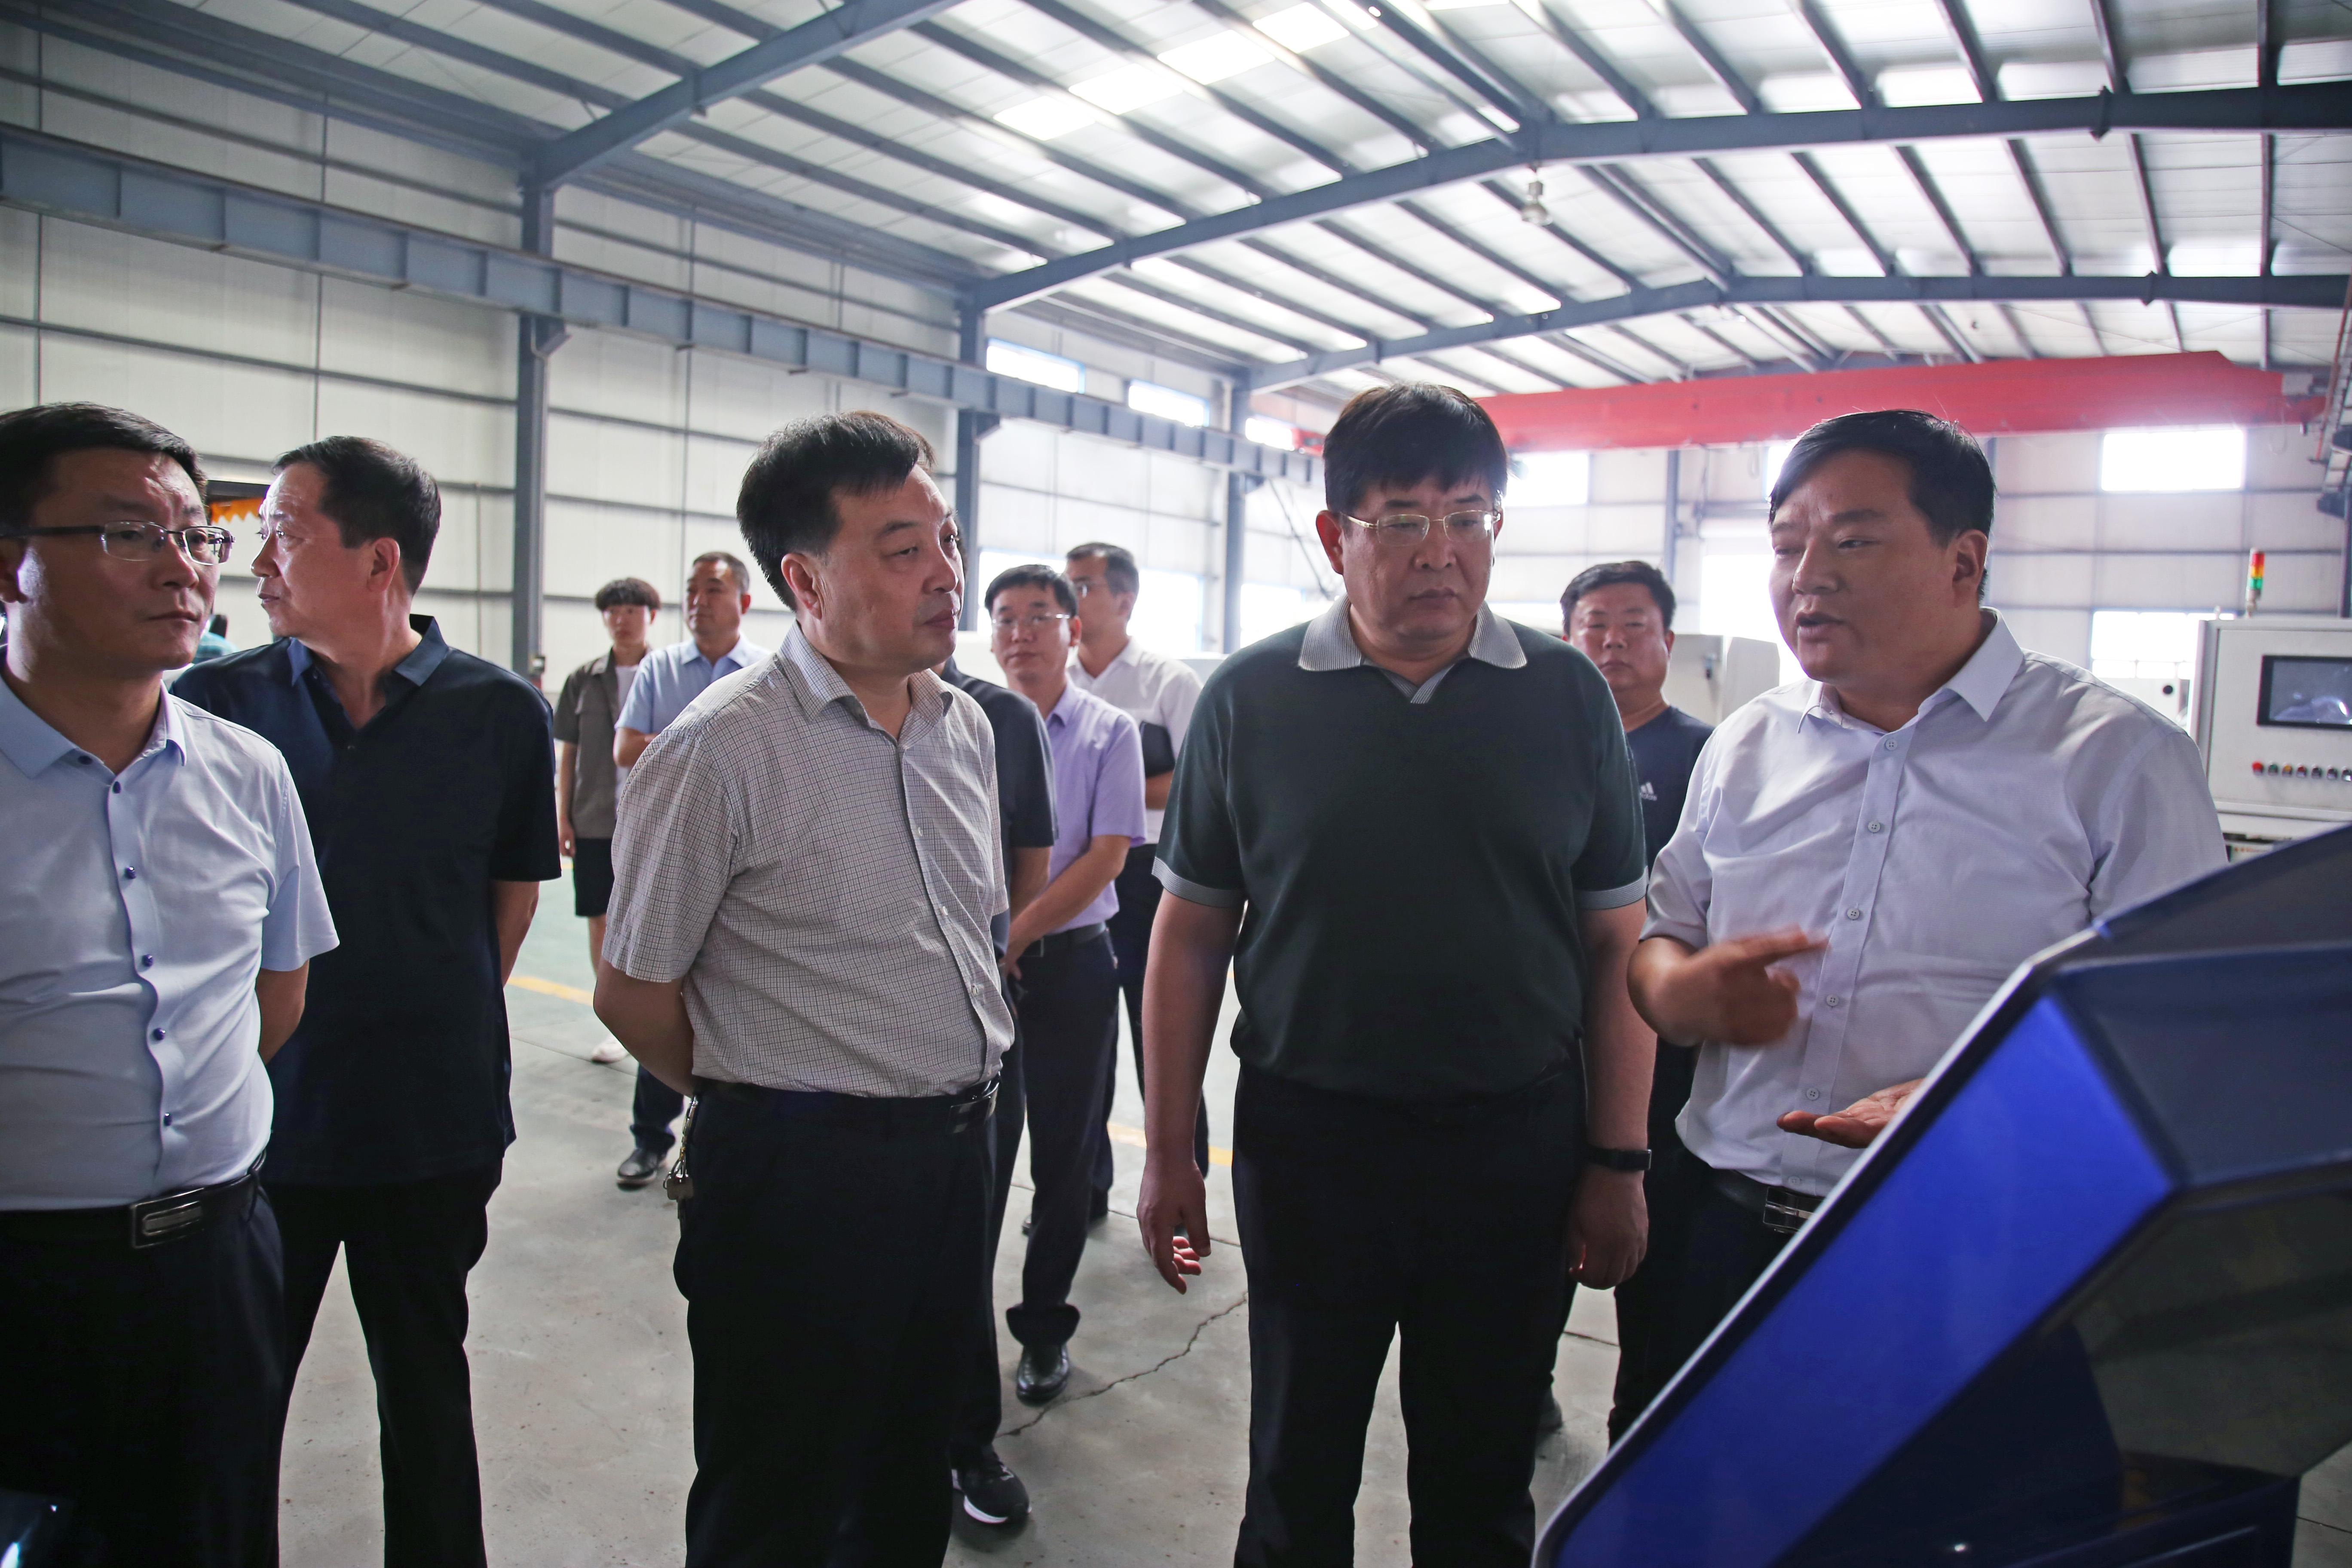 山東蘭陵政府縣長蒞臨華電參觀考察